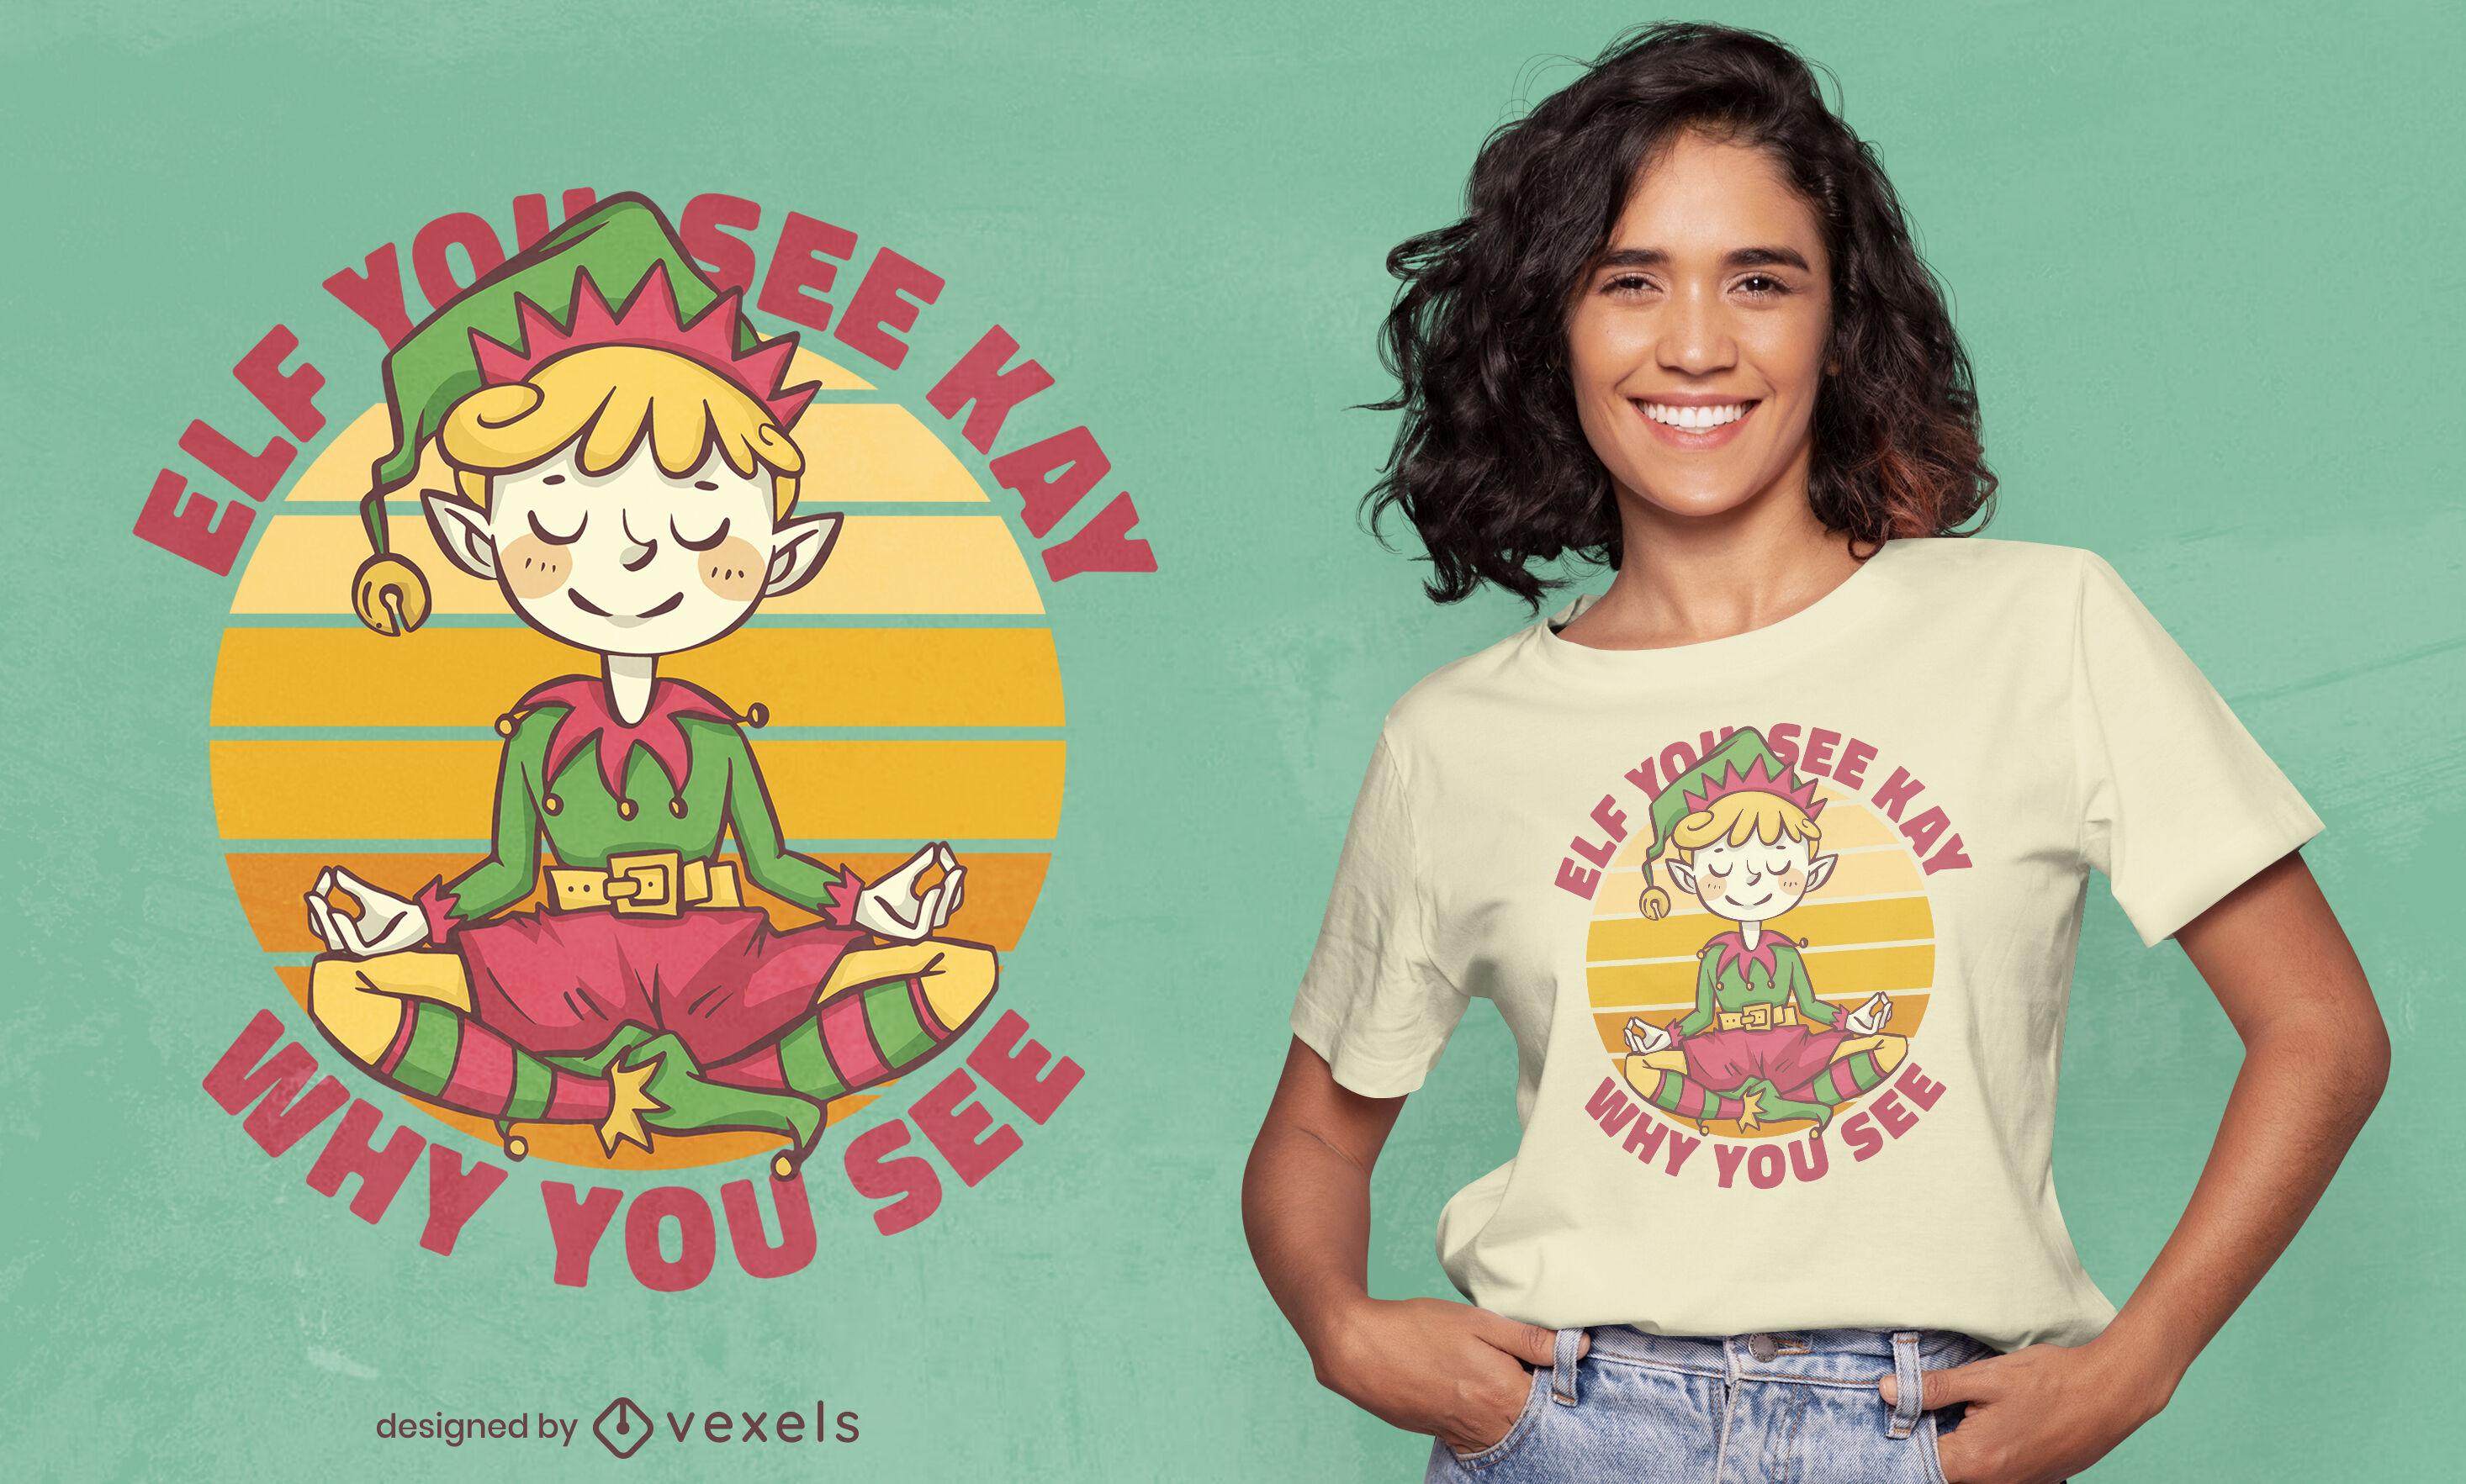 Duende natalino fazendo design de camiseta para ioga